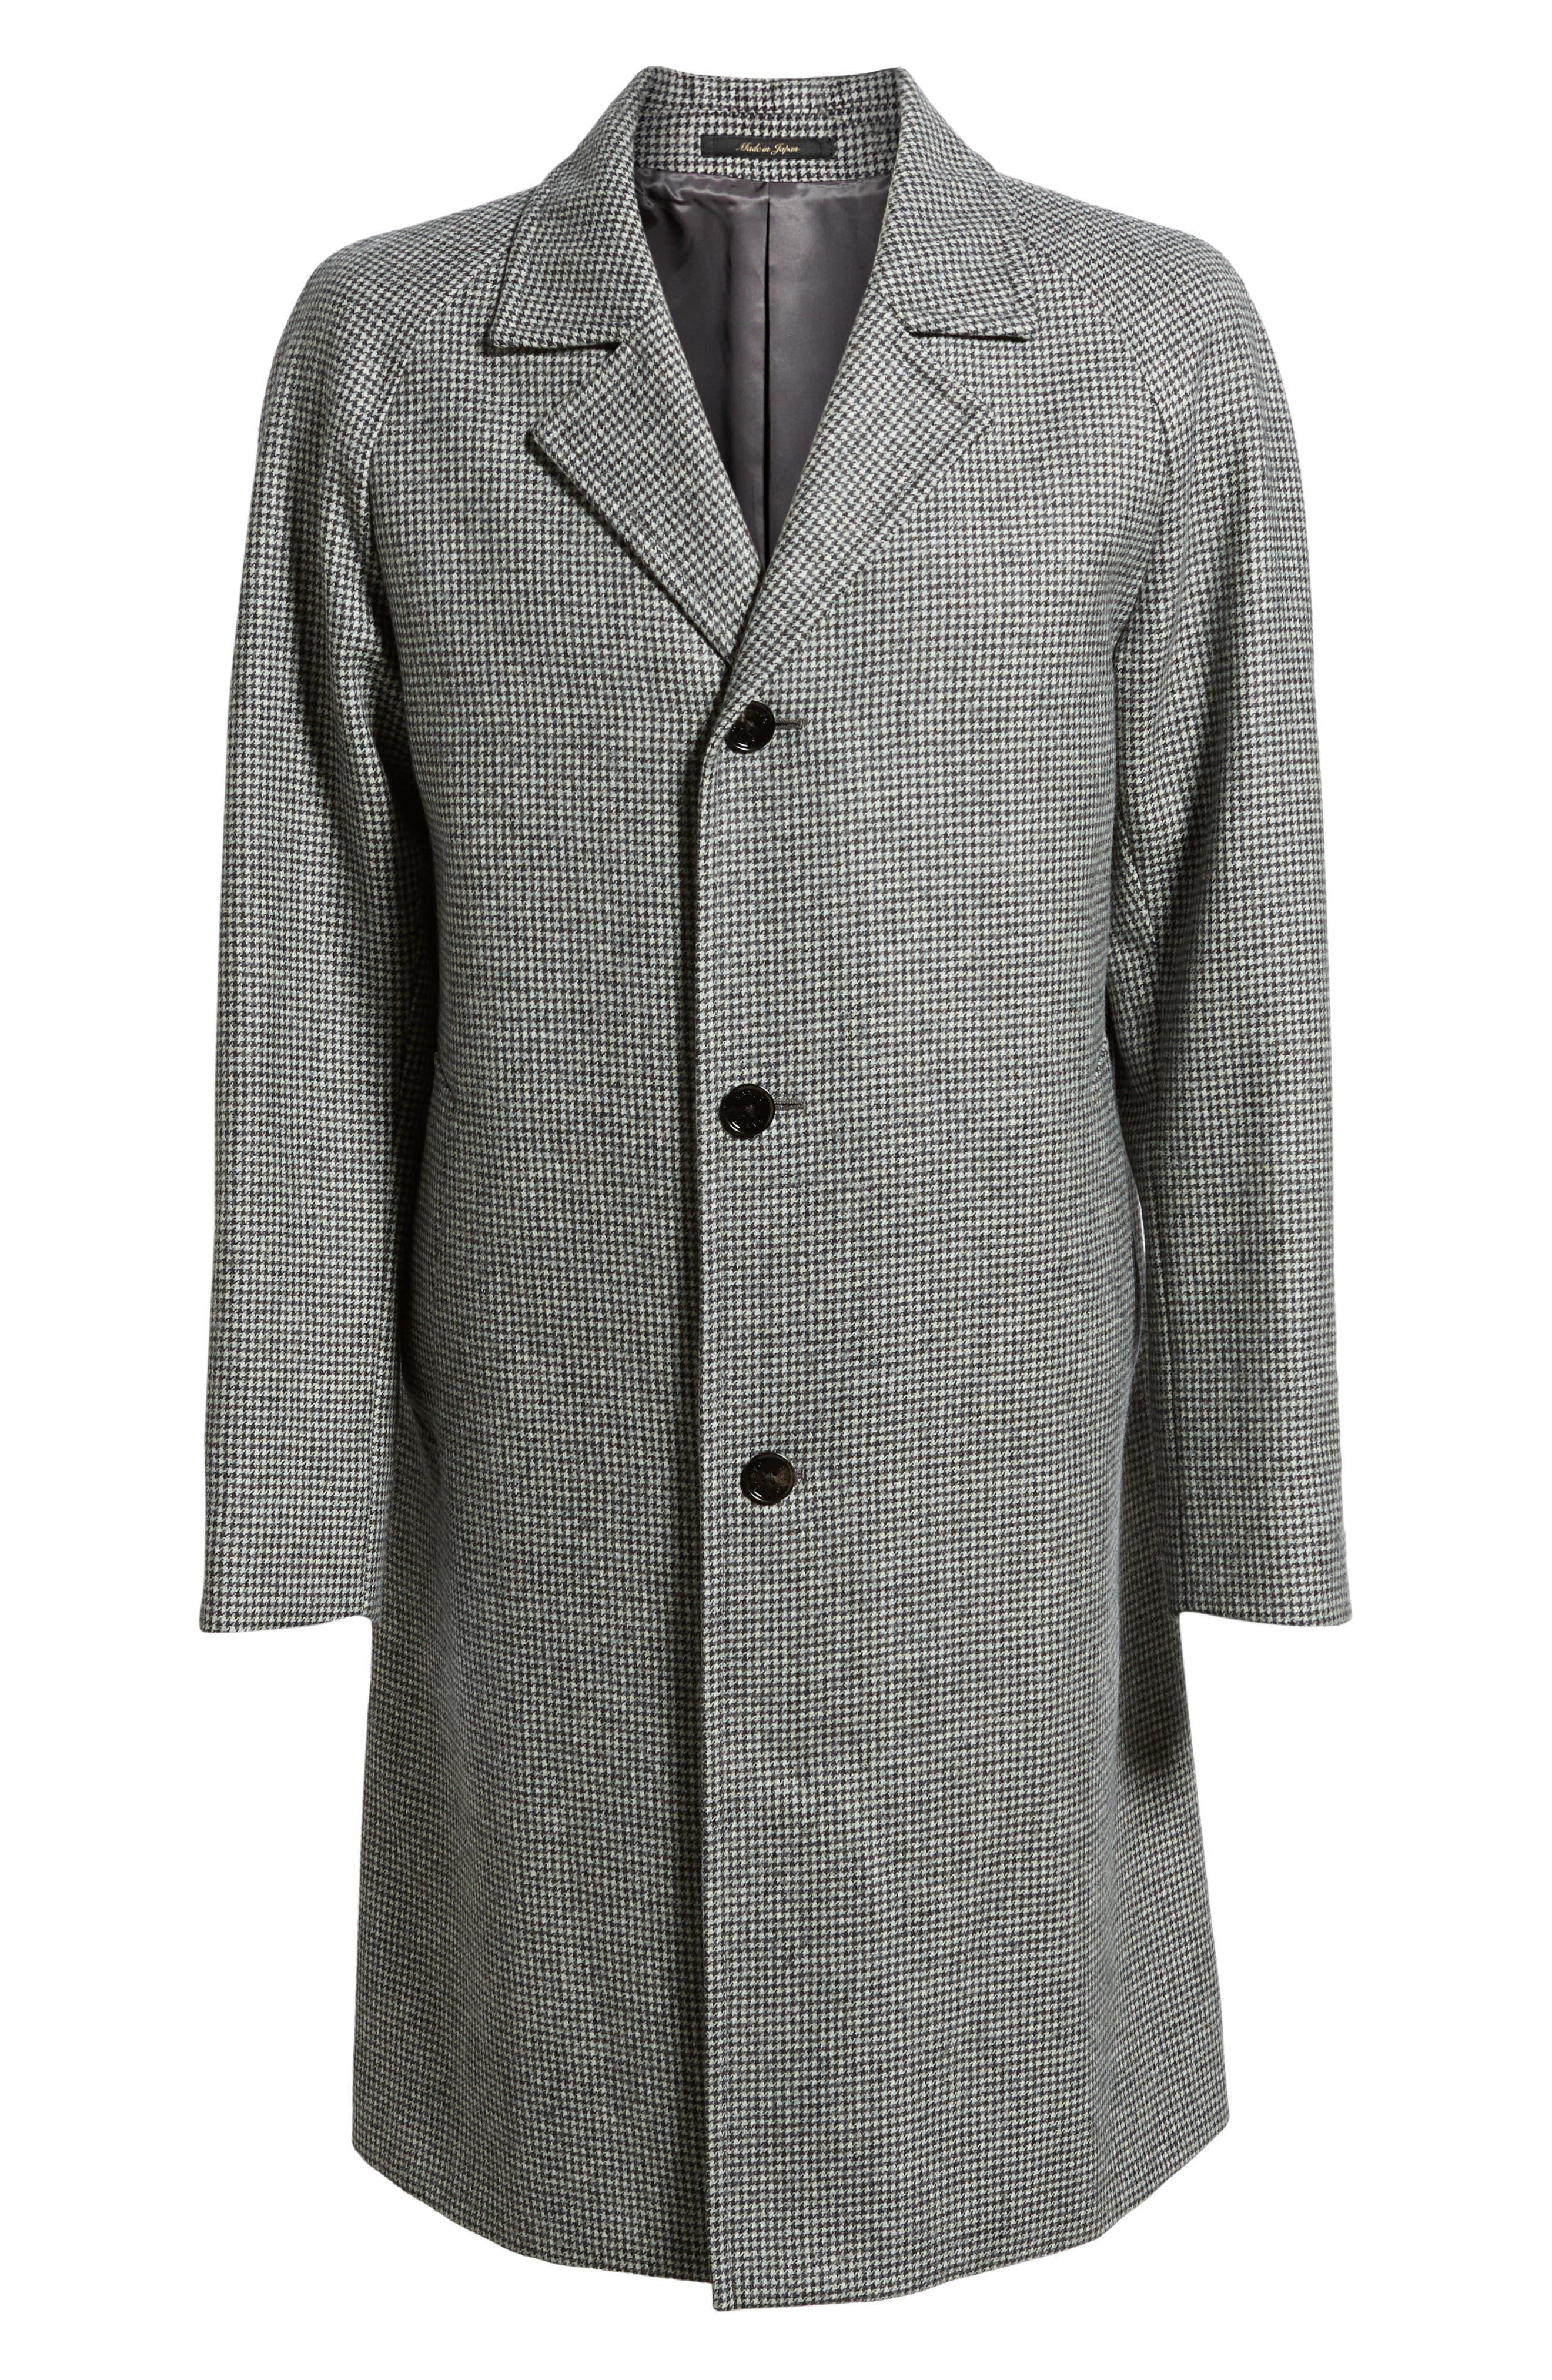 Wool Top Coat,                             Alternate thumbnail 5, color,                             GREY